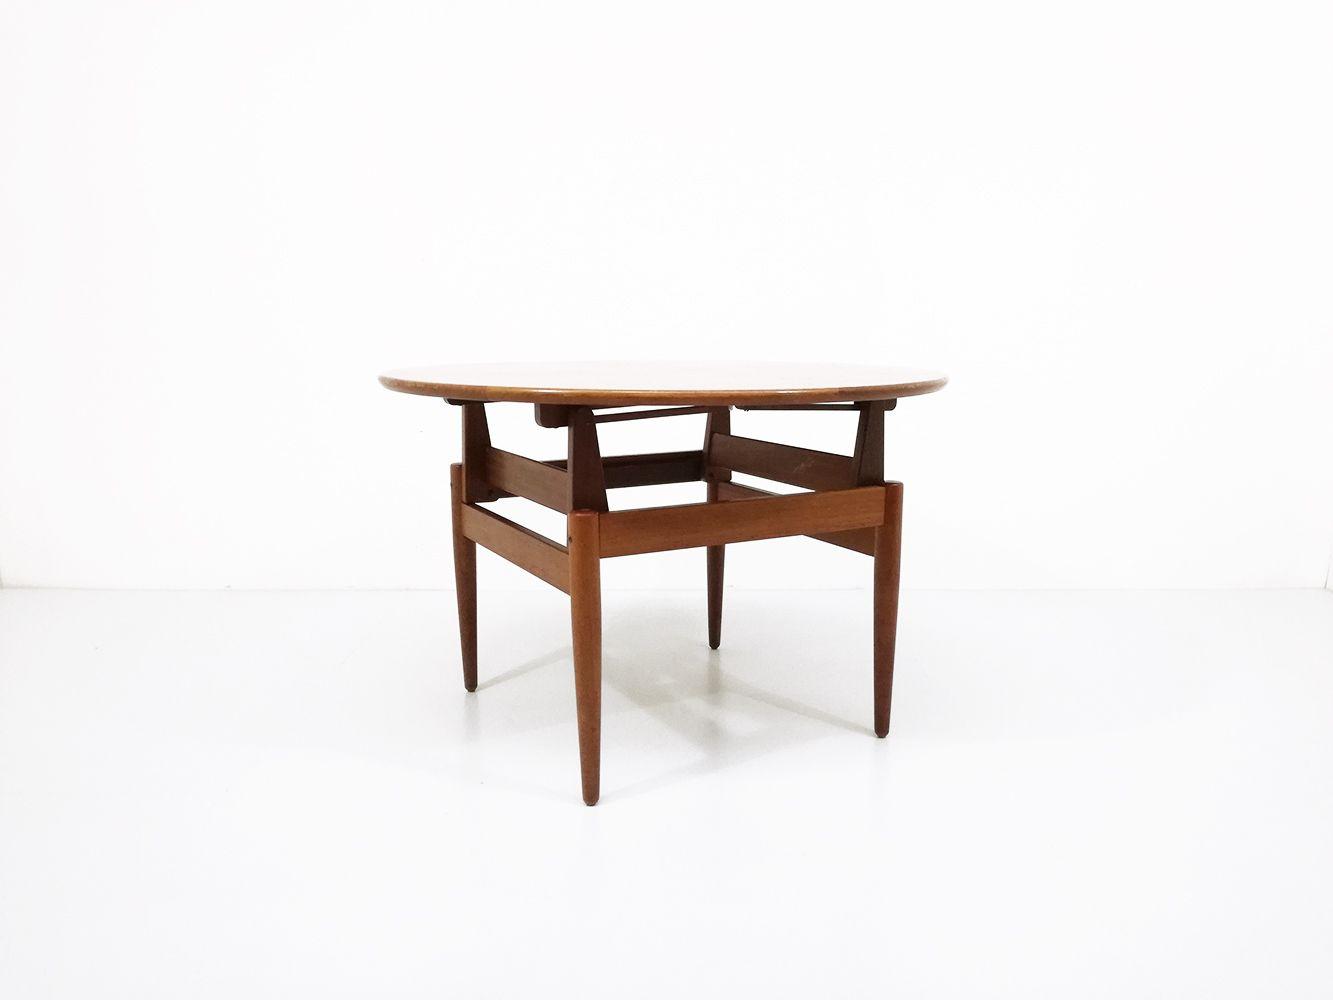 h henverstellbarer mid century tisch bei pamono kaufen. Black Bedroom Furniture Sets. Home Design Ideas